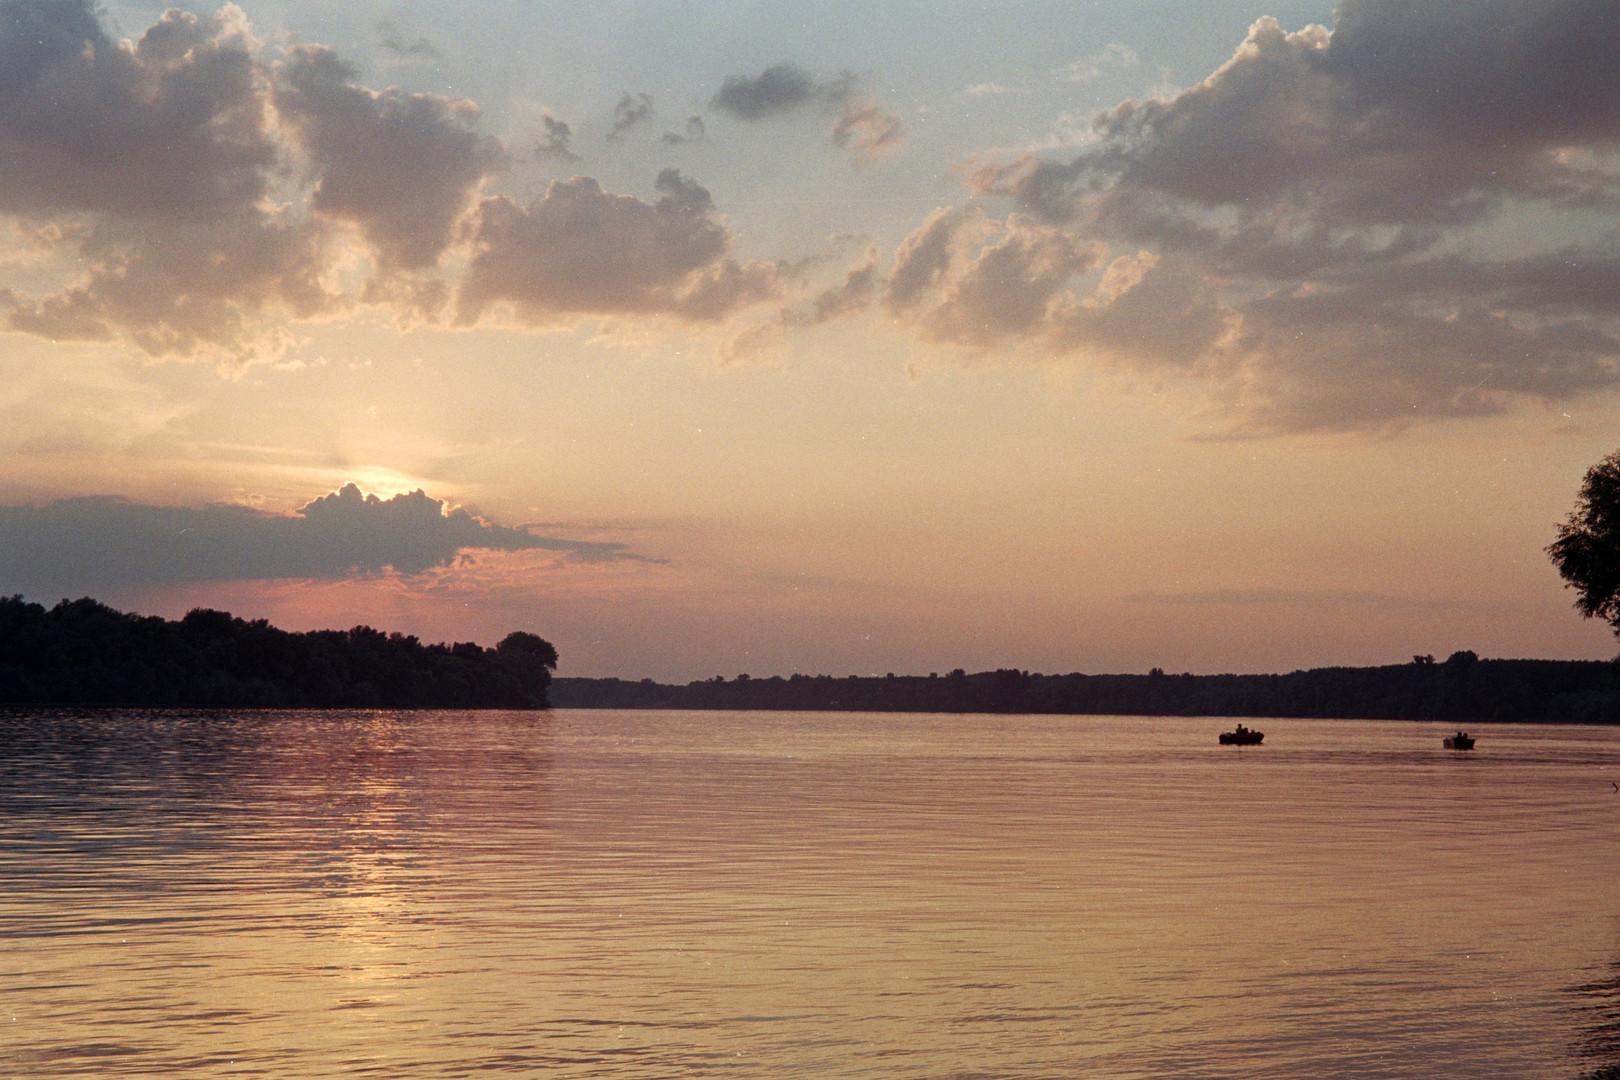 Zalazak na reci i čamci